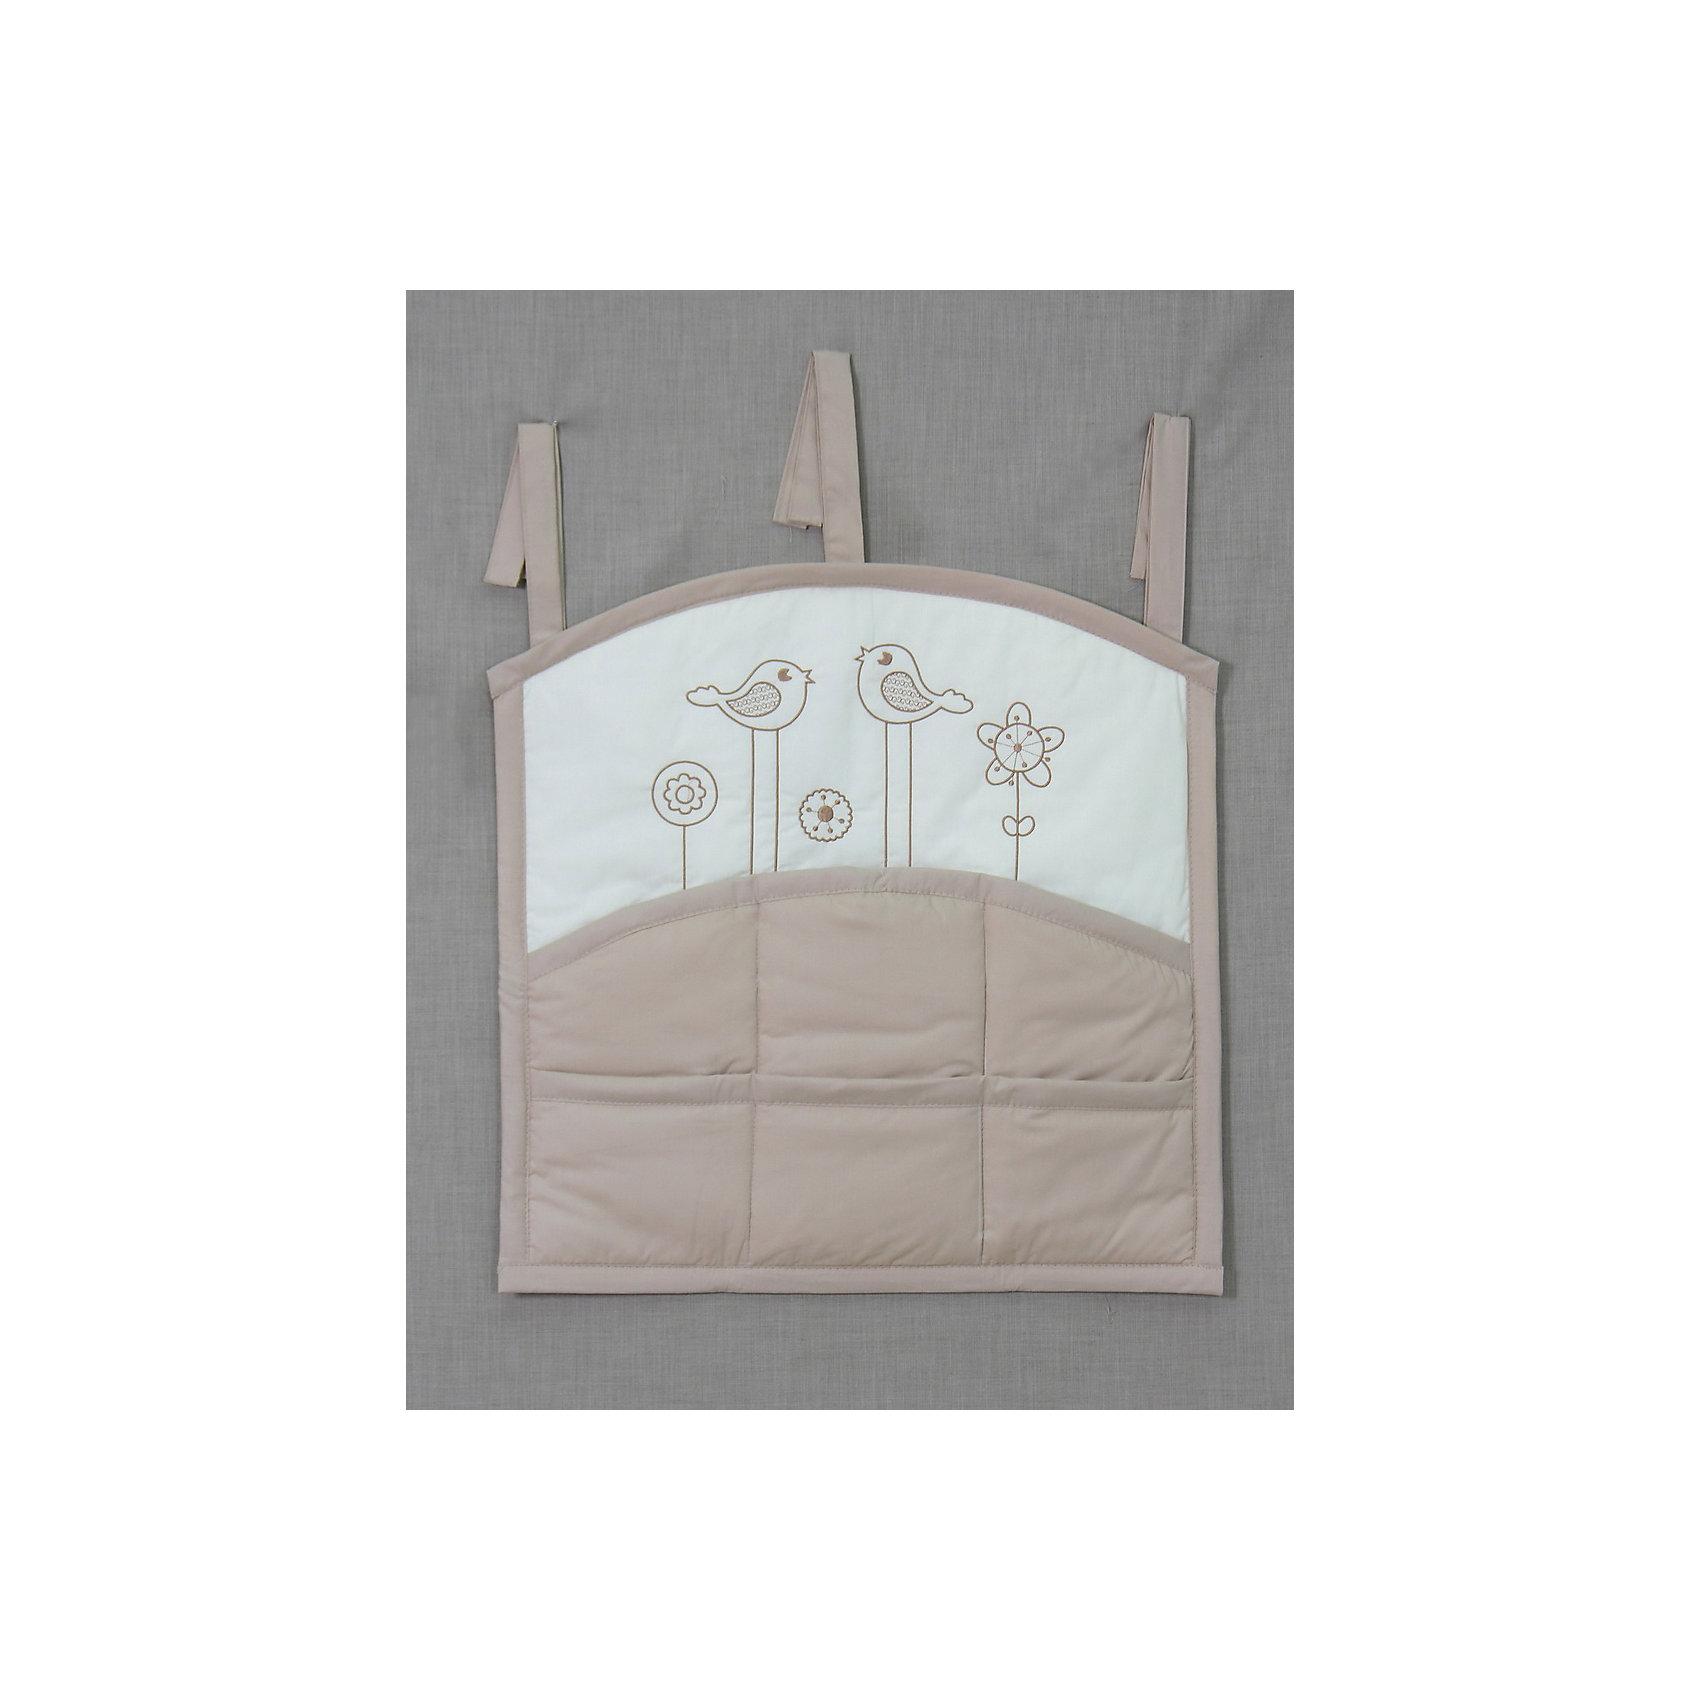 Карман на кроватку Волшебная полянка, FairyПостельное бельё<br>•карман на кроватку предназначен для удобства хранения детских принадлежностей в удобном для родителей месте,<br>•3 завязки по верху изделия для удобства крепления на детской кроватке,<br>•6 кармашков для принадлежностей, <br>•веселый рисунок в виде вышивки.<br><br>Ширина мм: 590<br>Глубина мм: 600<br>Высота мм: 100<br>Вес г: 300<br>Возраст от месяцев: 0<br>Возраст до месяцев: 36<br>Пол: Унисекс<br>Возраст: Детский<br>SKU: 5610109